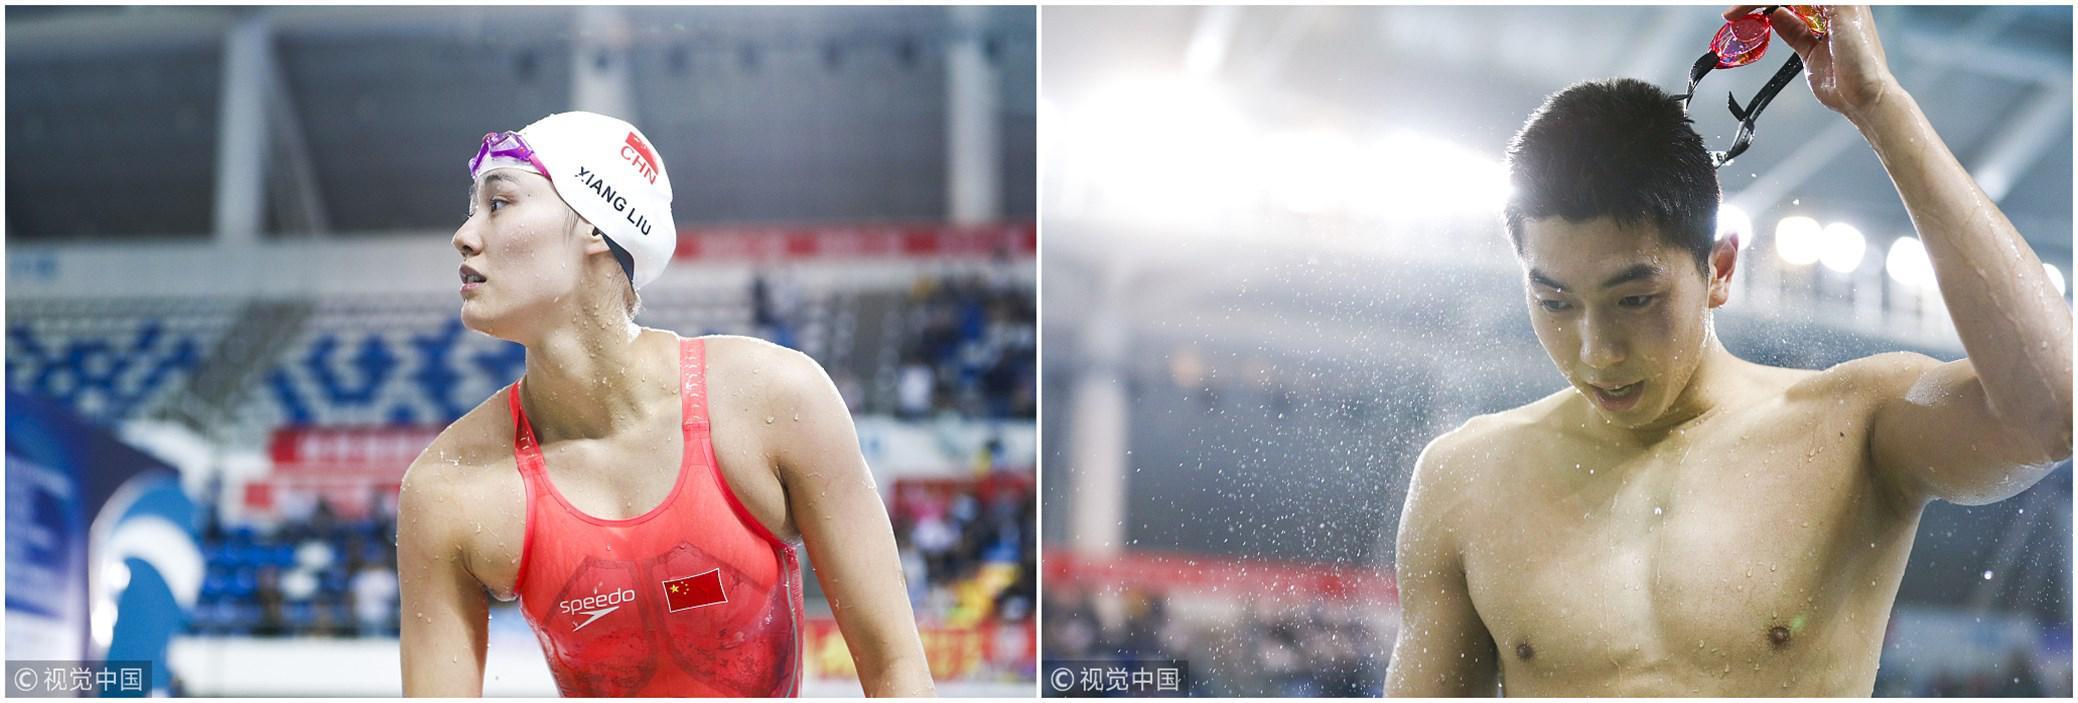 完球了!中日泳坛隔空对决中国竟完败,孙杨有三项不如日本小将,亚运会真的没戏?